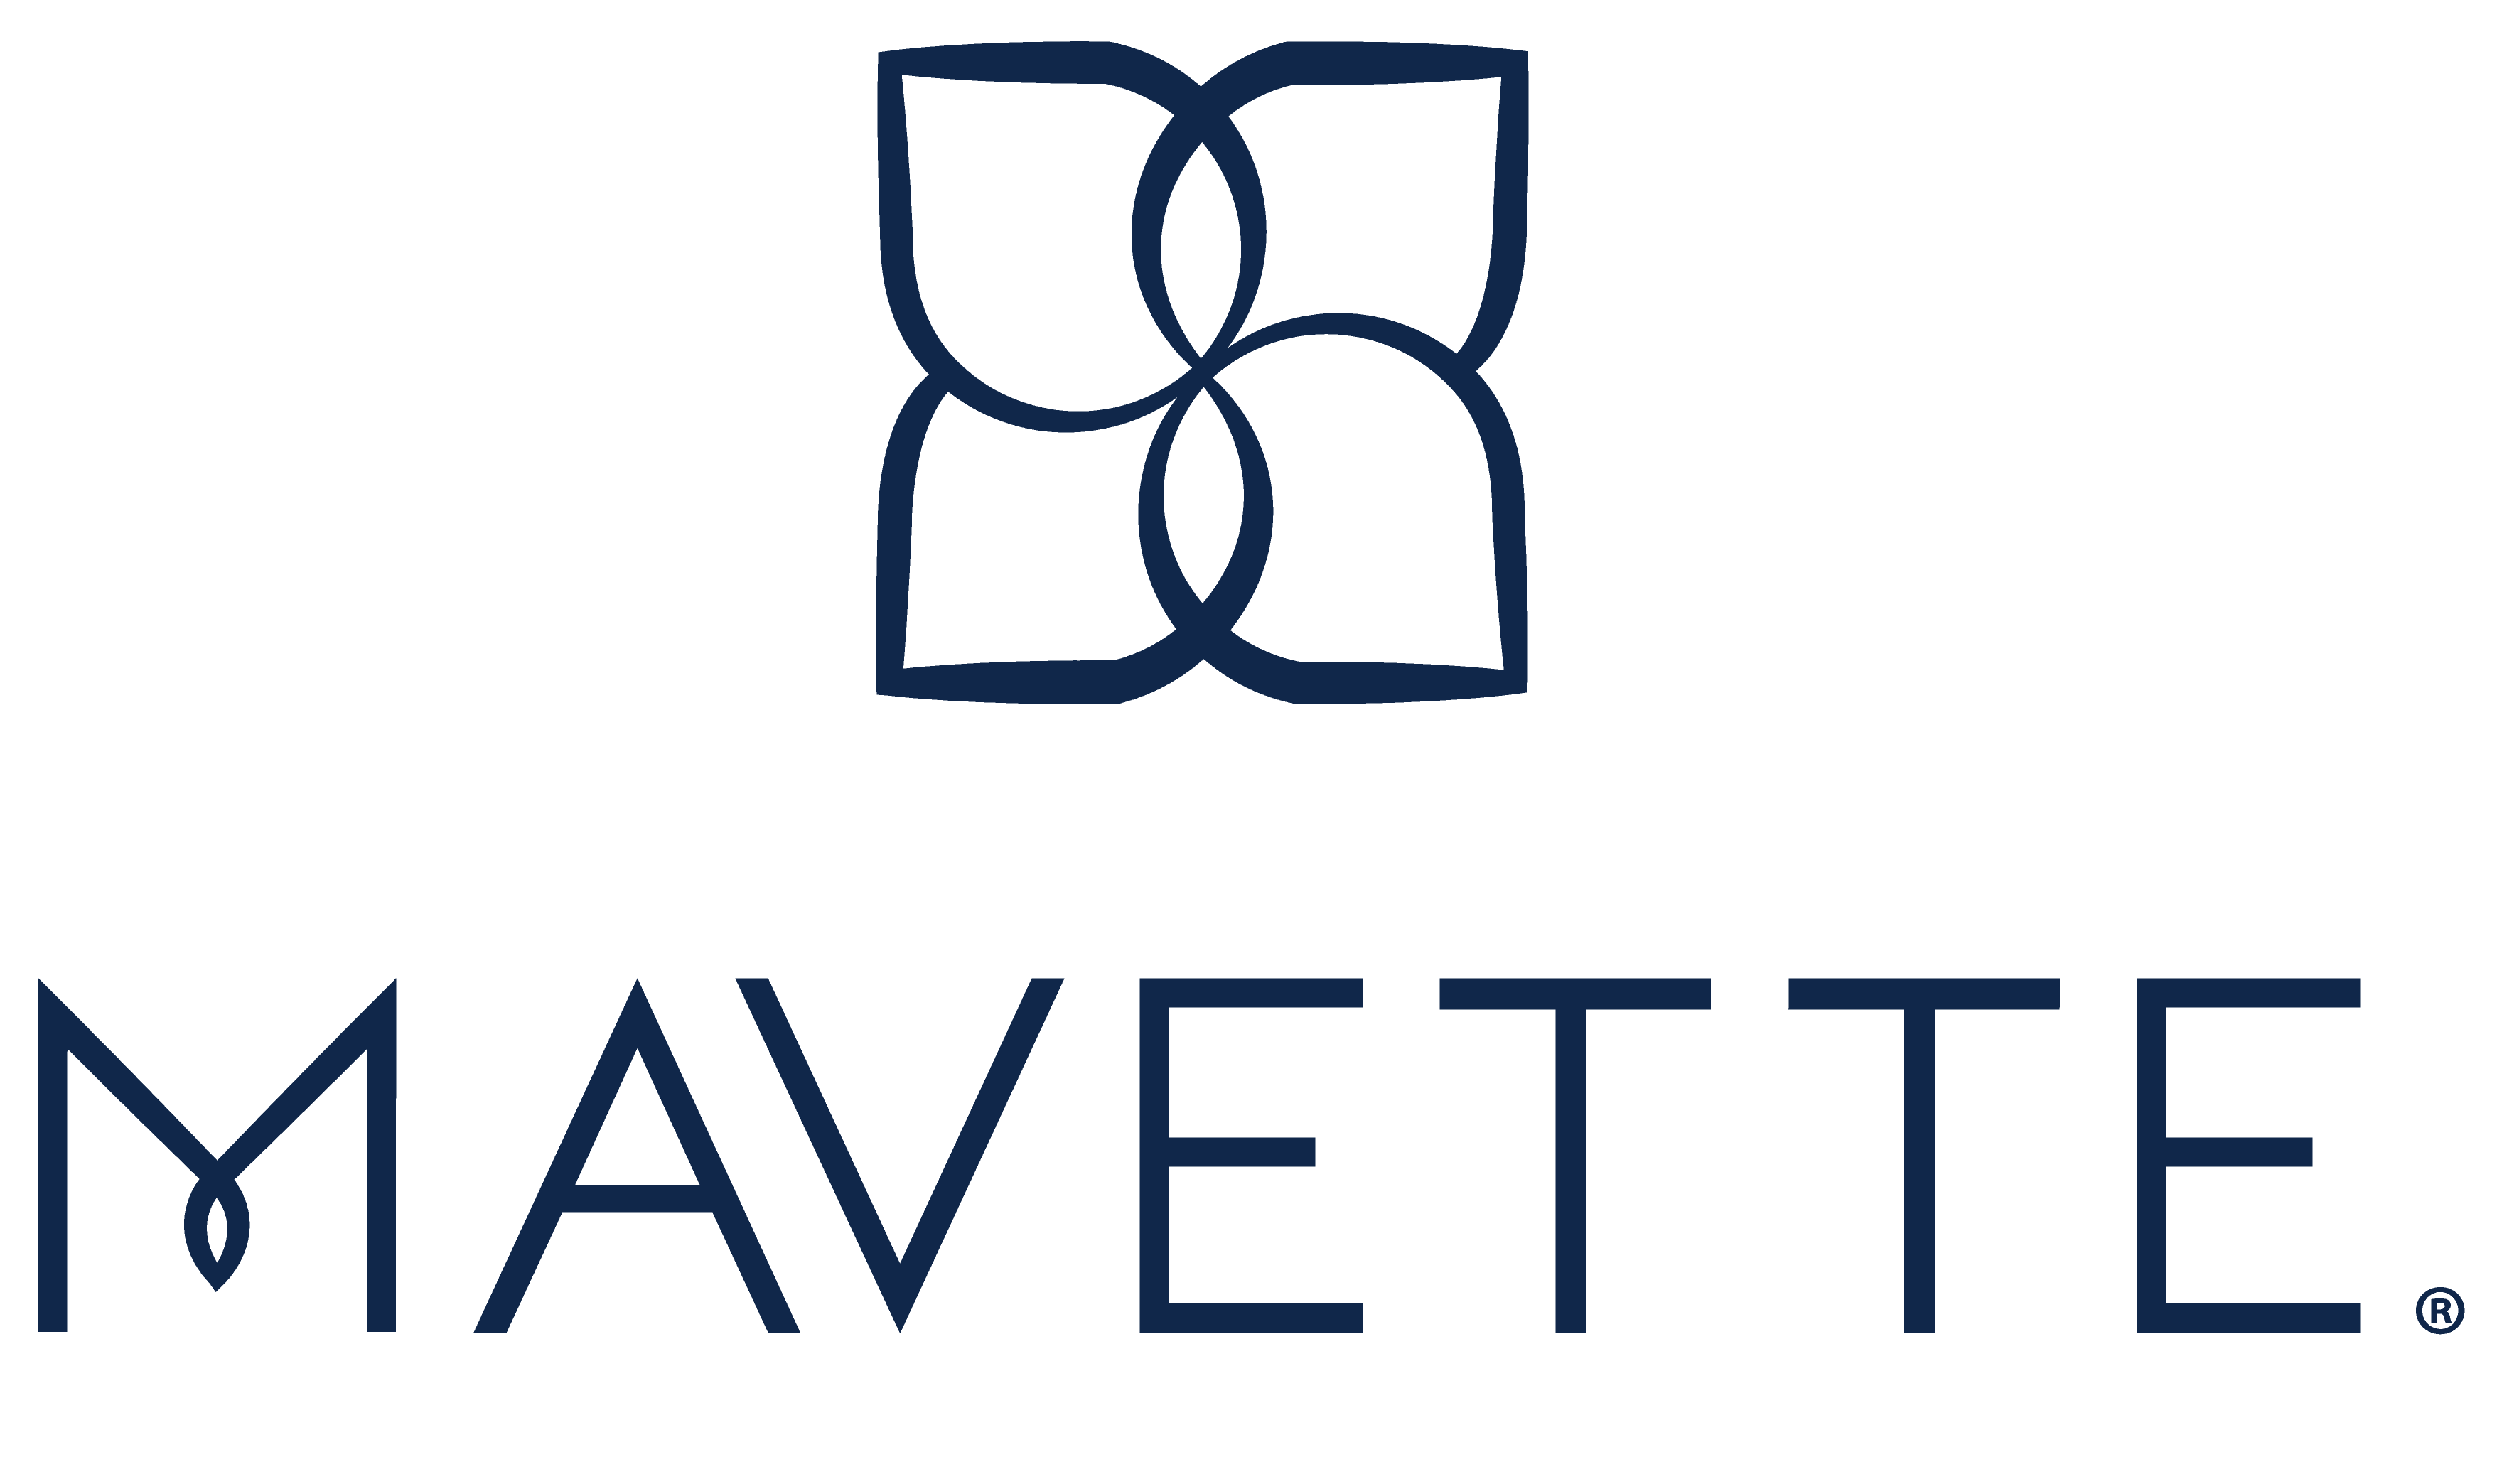 Mavette logo